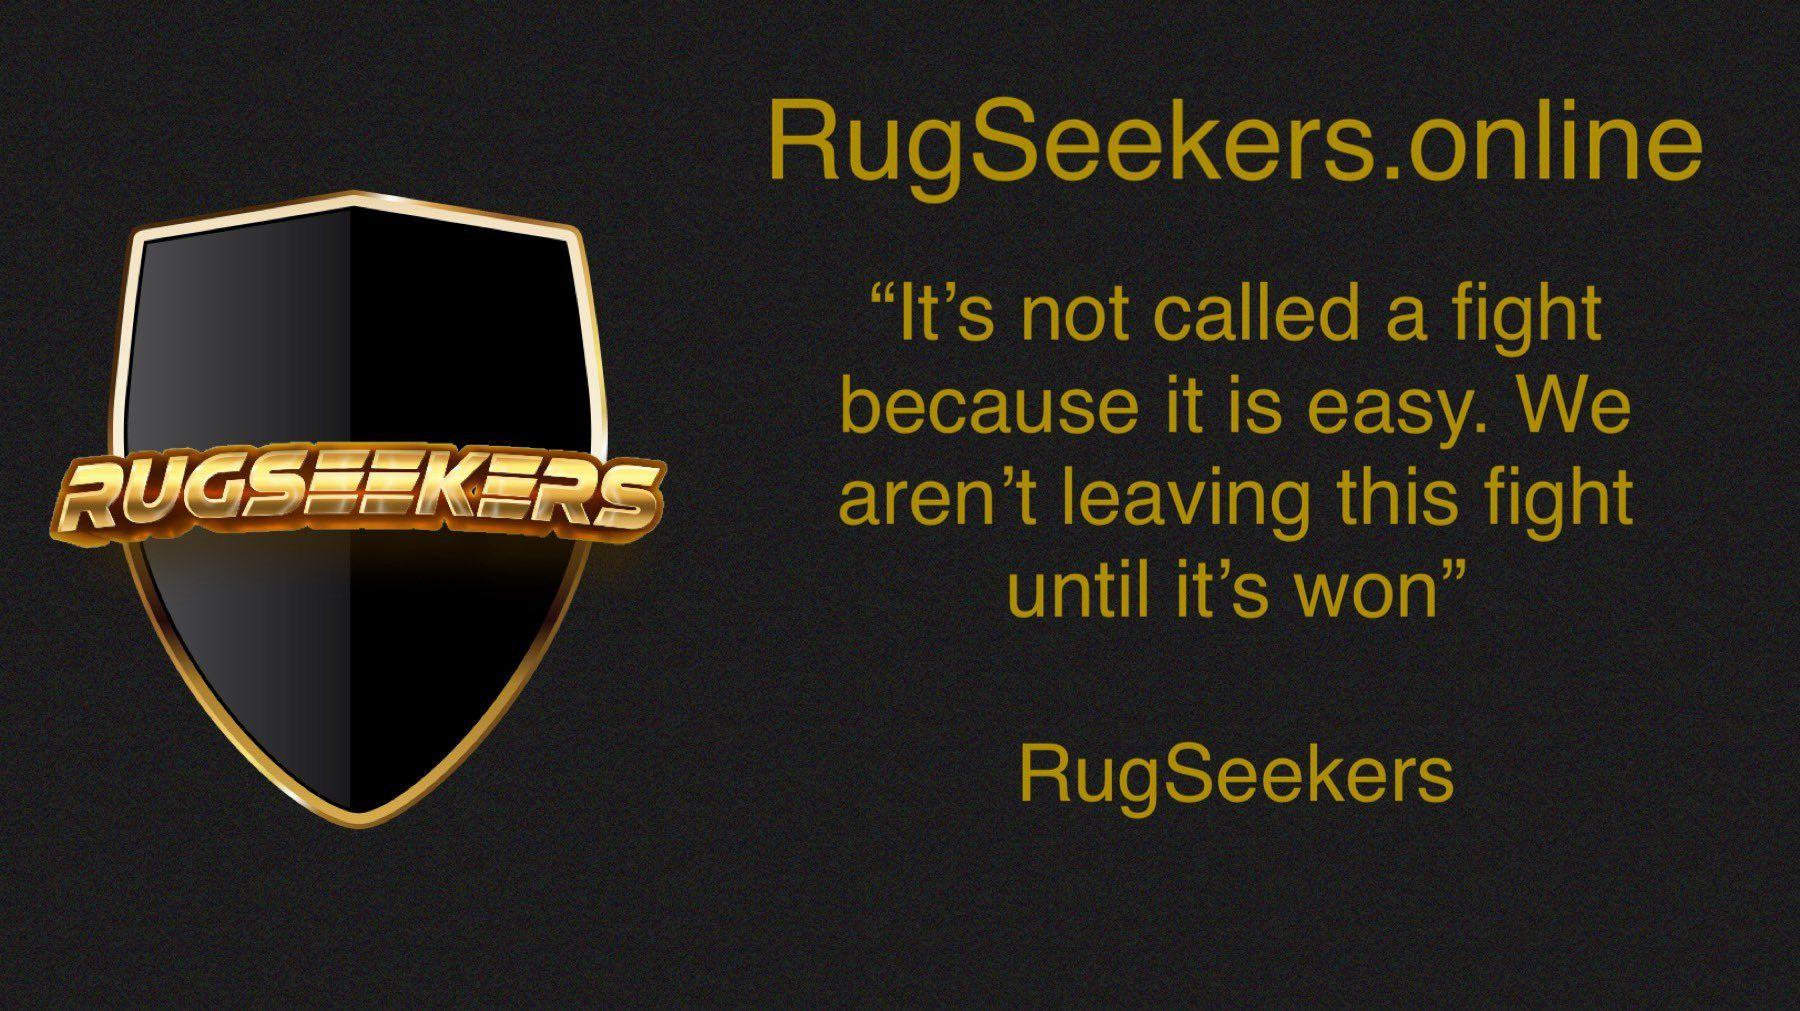 rugseekers.jpg